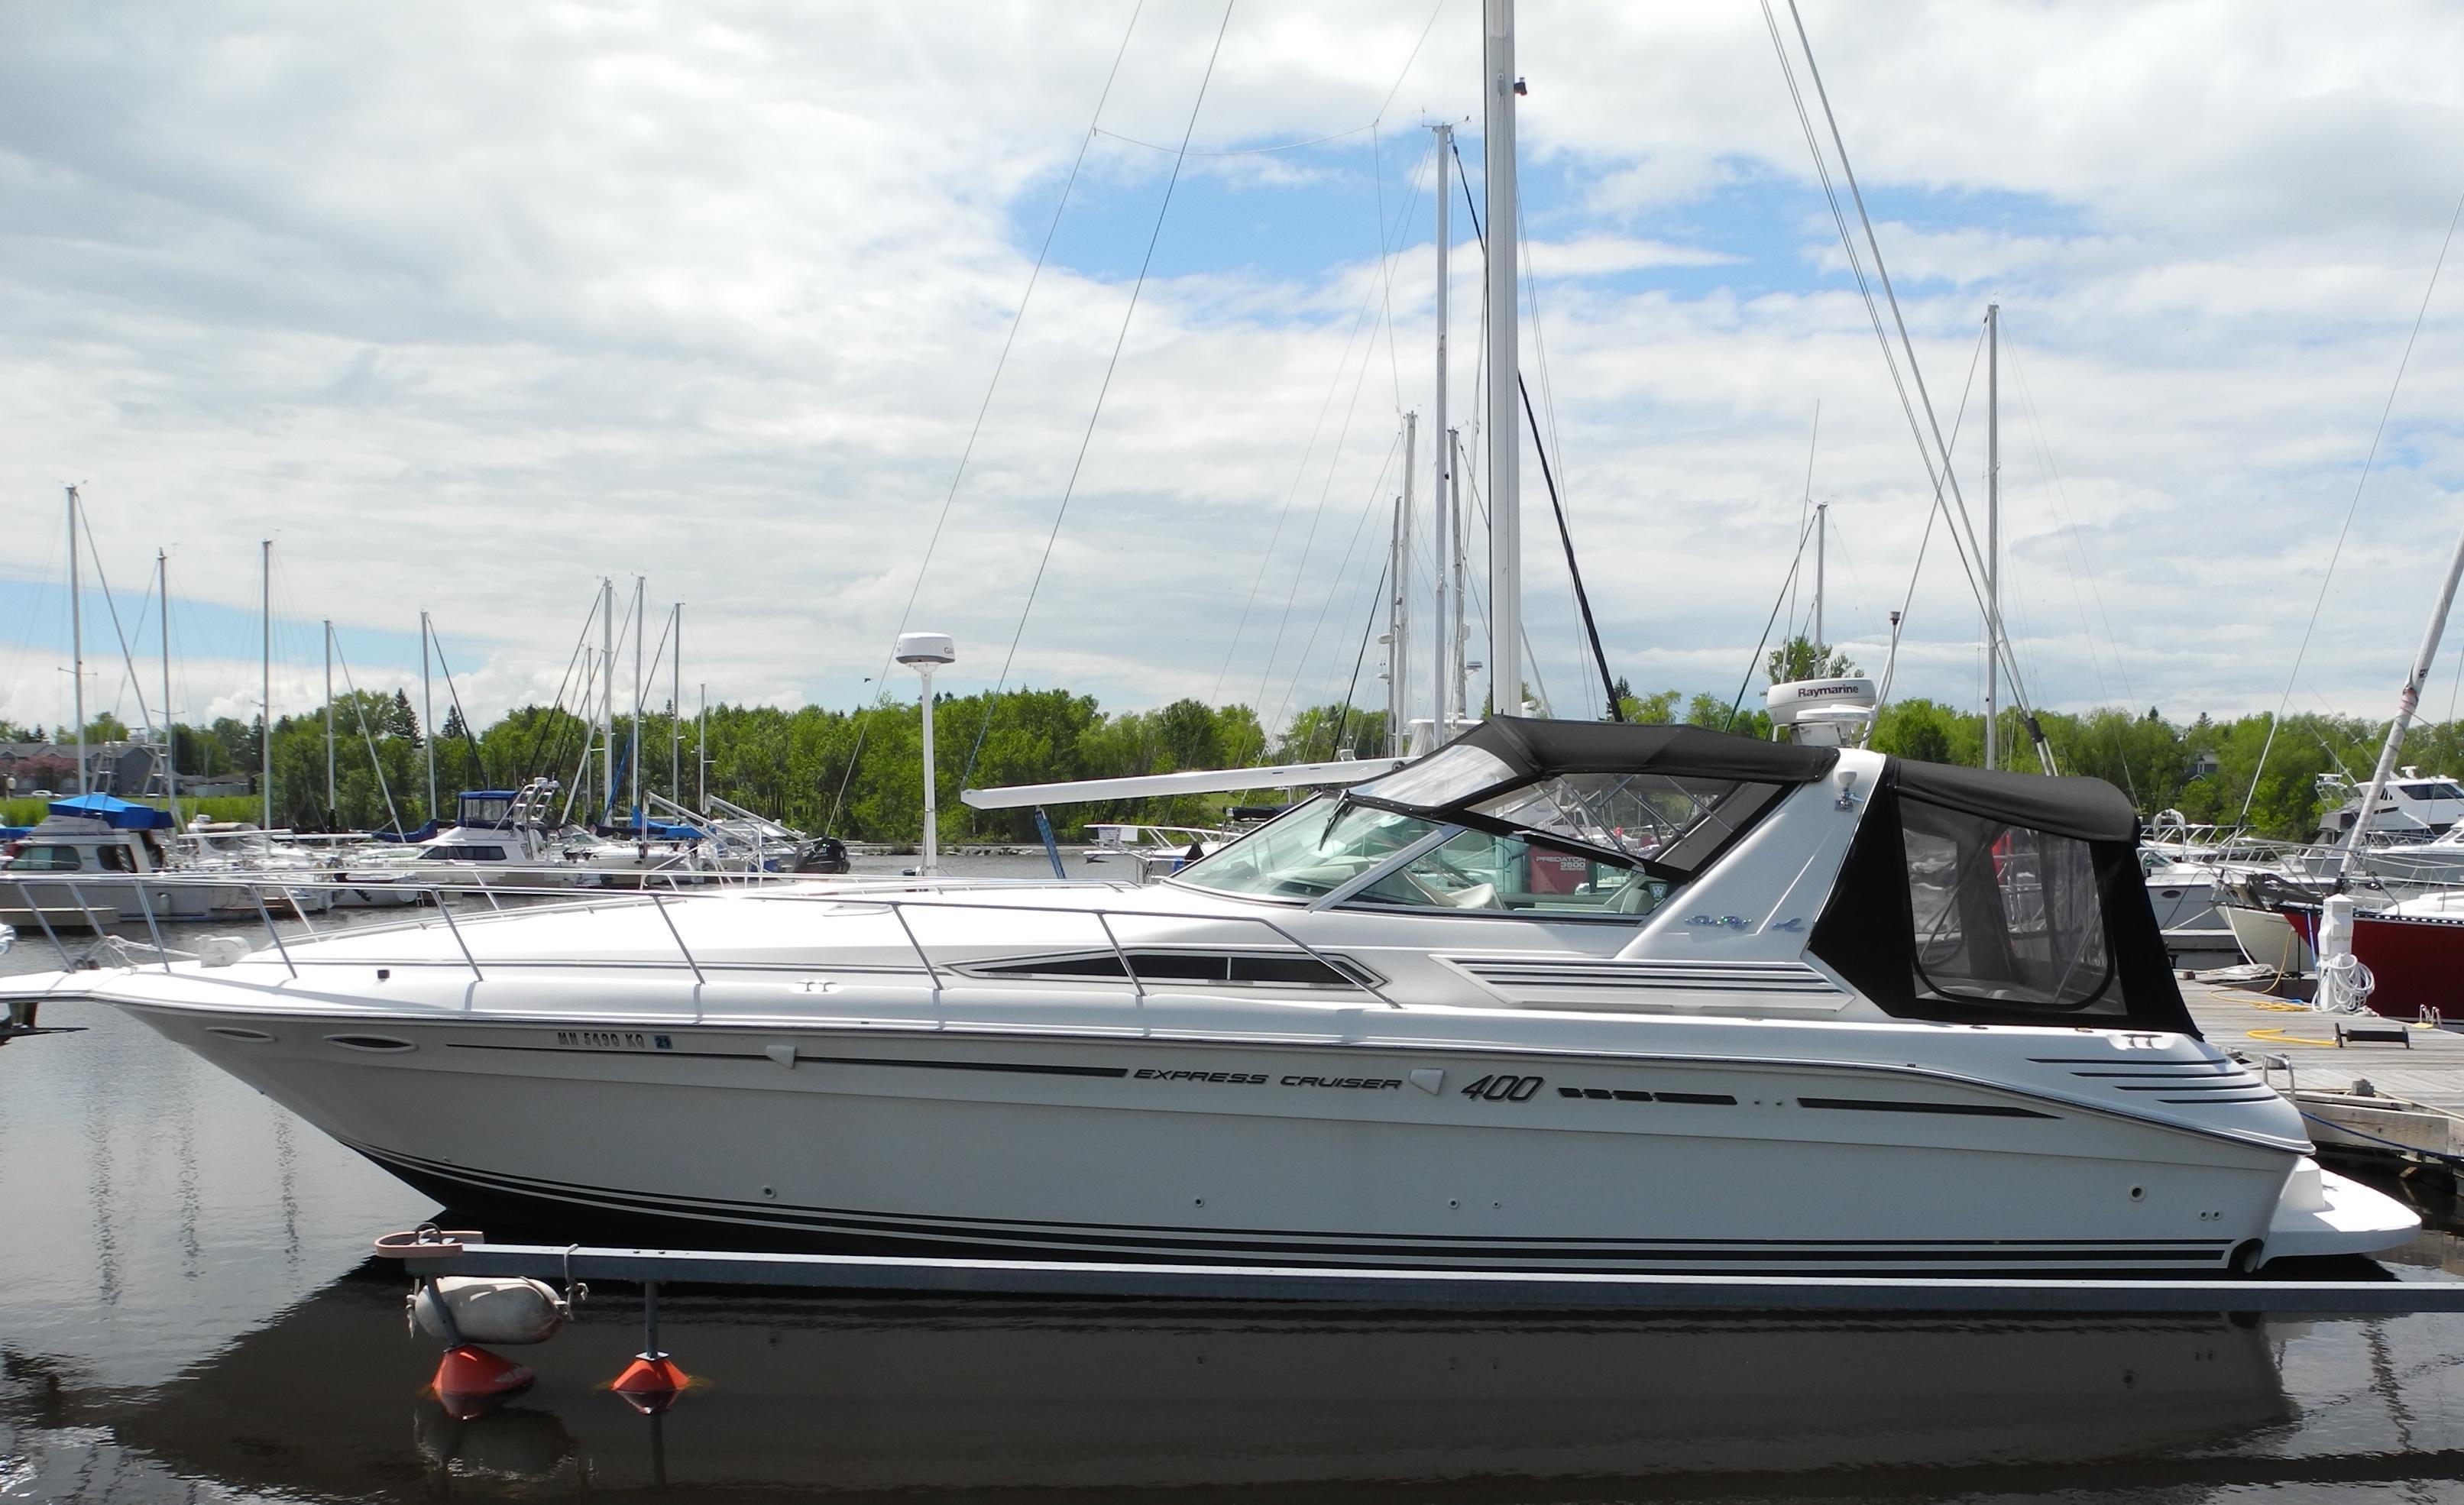 Powerboats - Barkers Island Marina : Barkers Island Marina